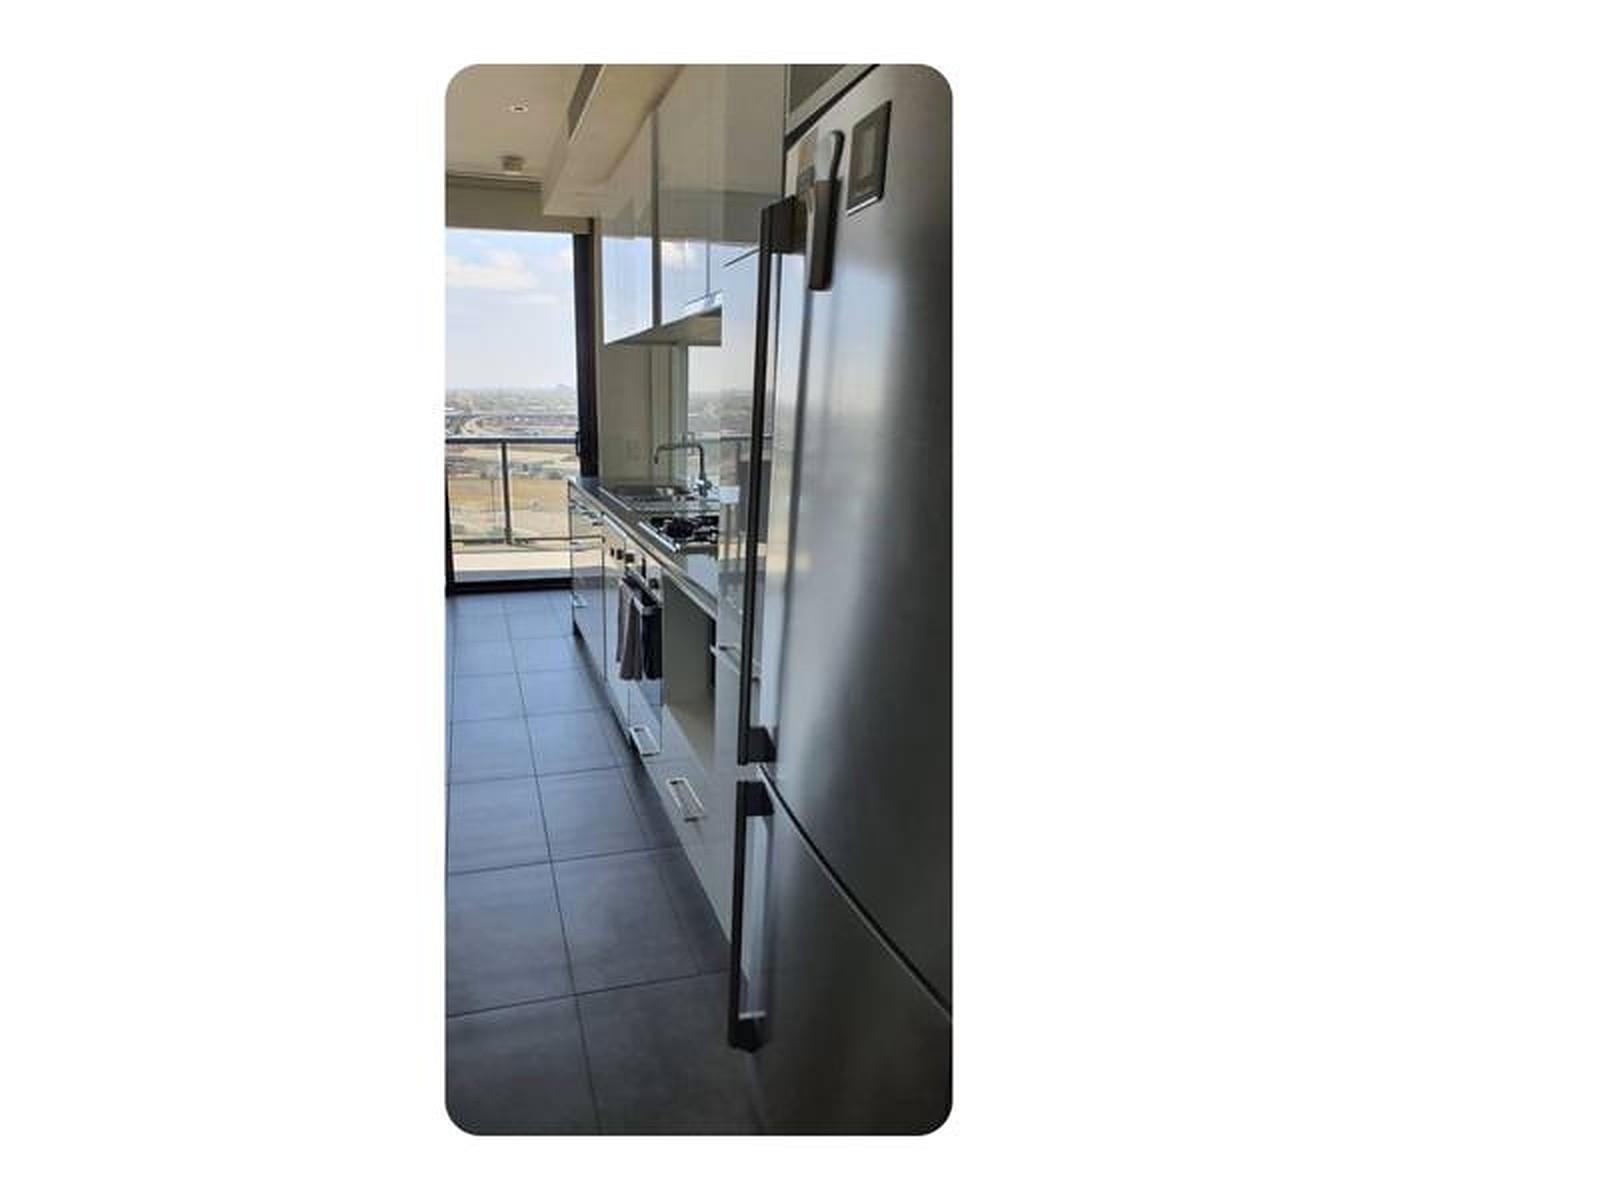 Ferienwohnung Docklands Apt 2 SchlafzimmerMelbourne Star View (2781530), Melbourne, , Victoria, Australien, Bild 17